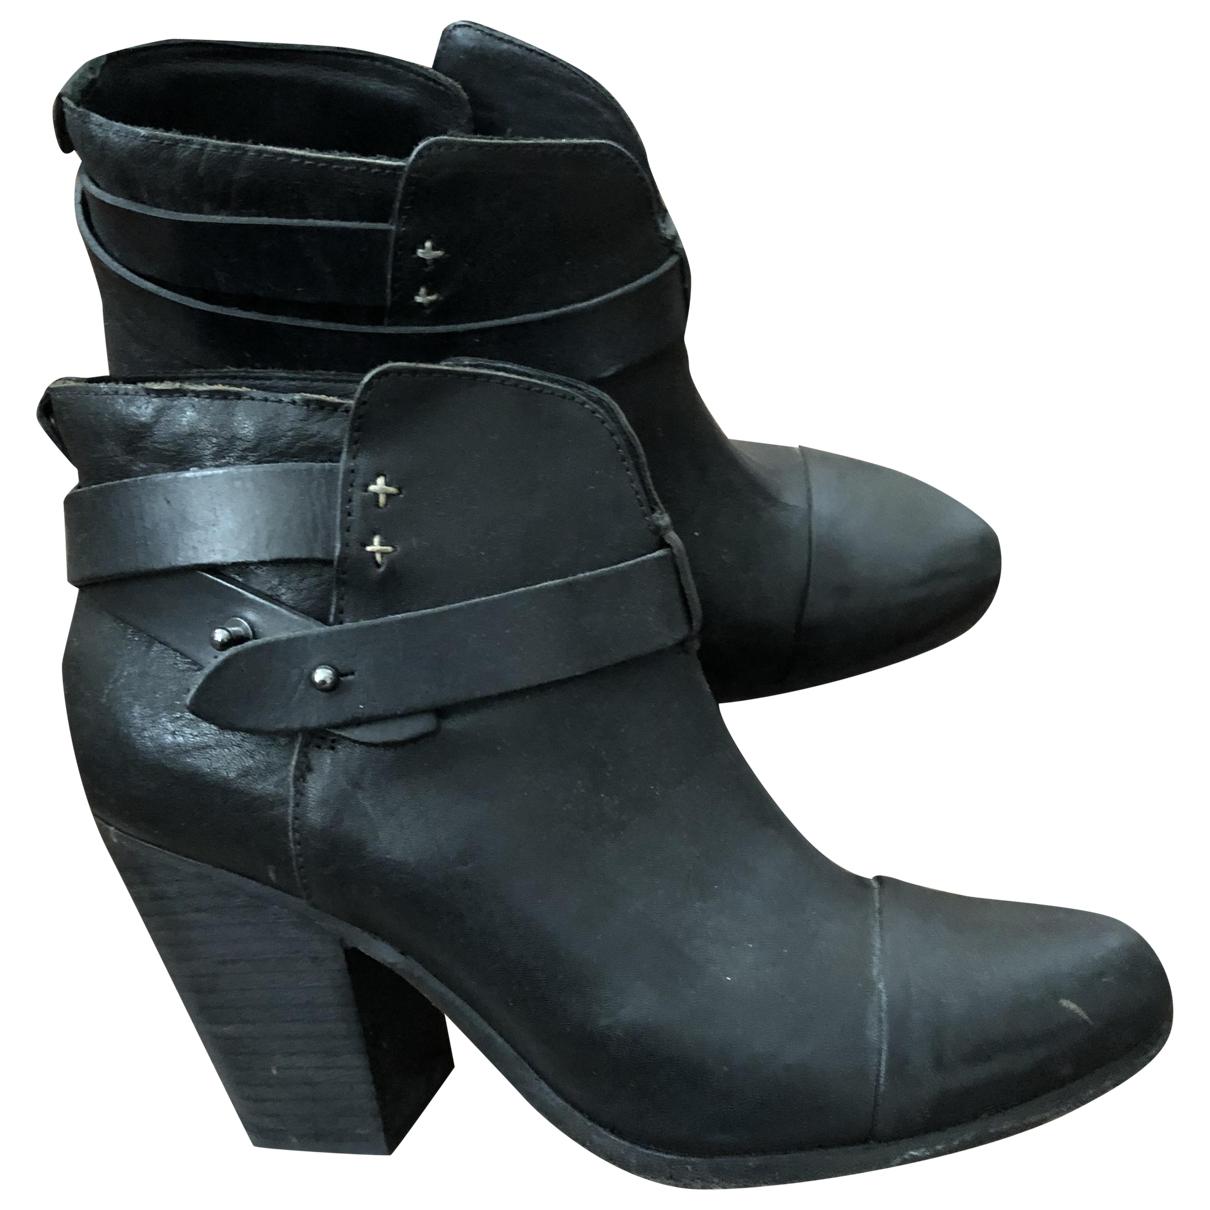 Rag & Bone - Boots   pour femme en cuir - noir